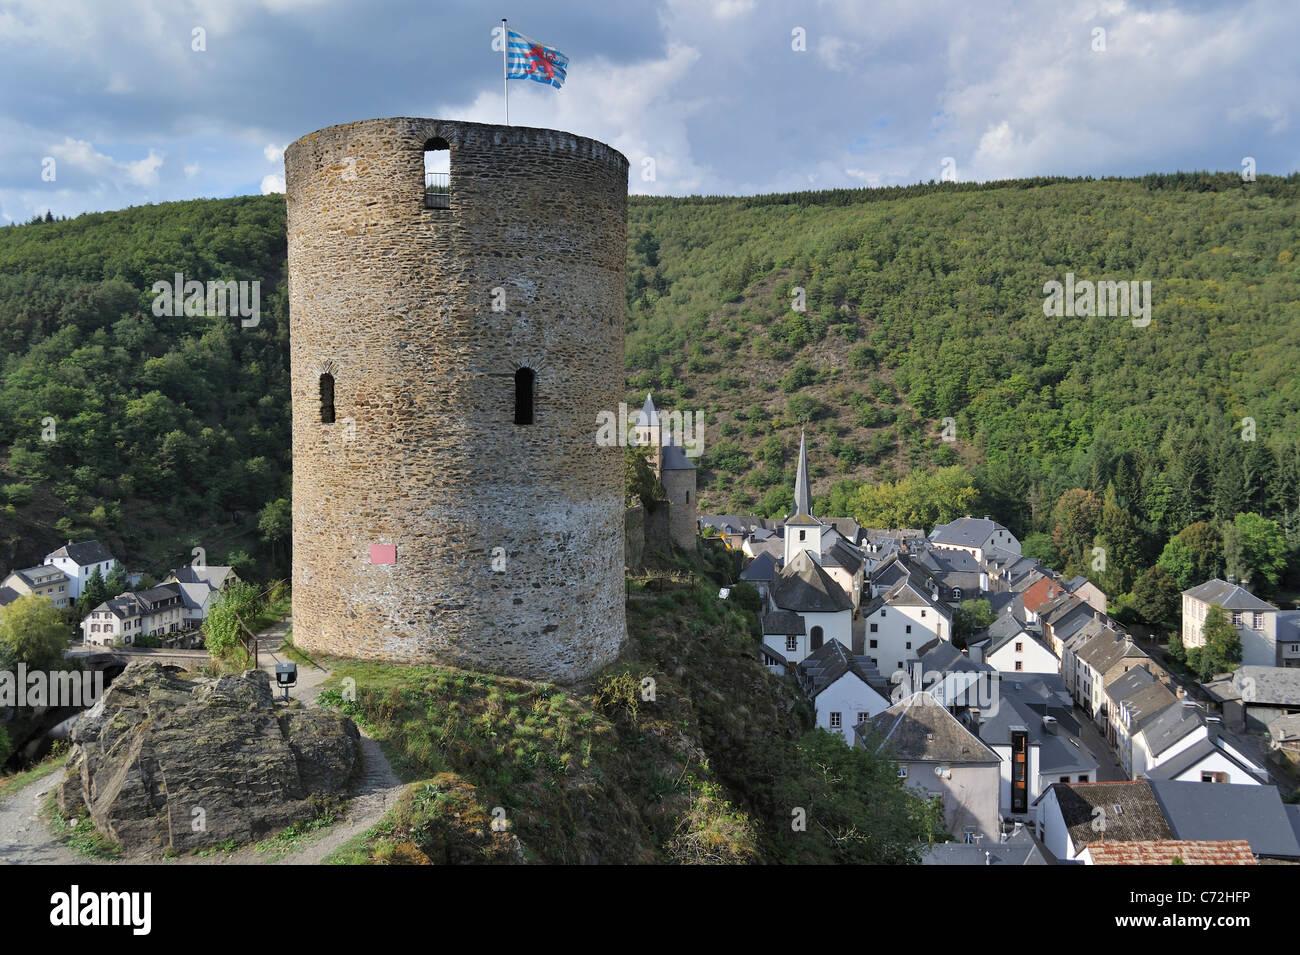 Ruine de la tour ronde médiévale / Lochturm au village Esch-sur-Sûre / Esch-Sauer, Luxembourg Photo Stock